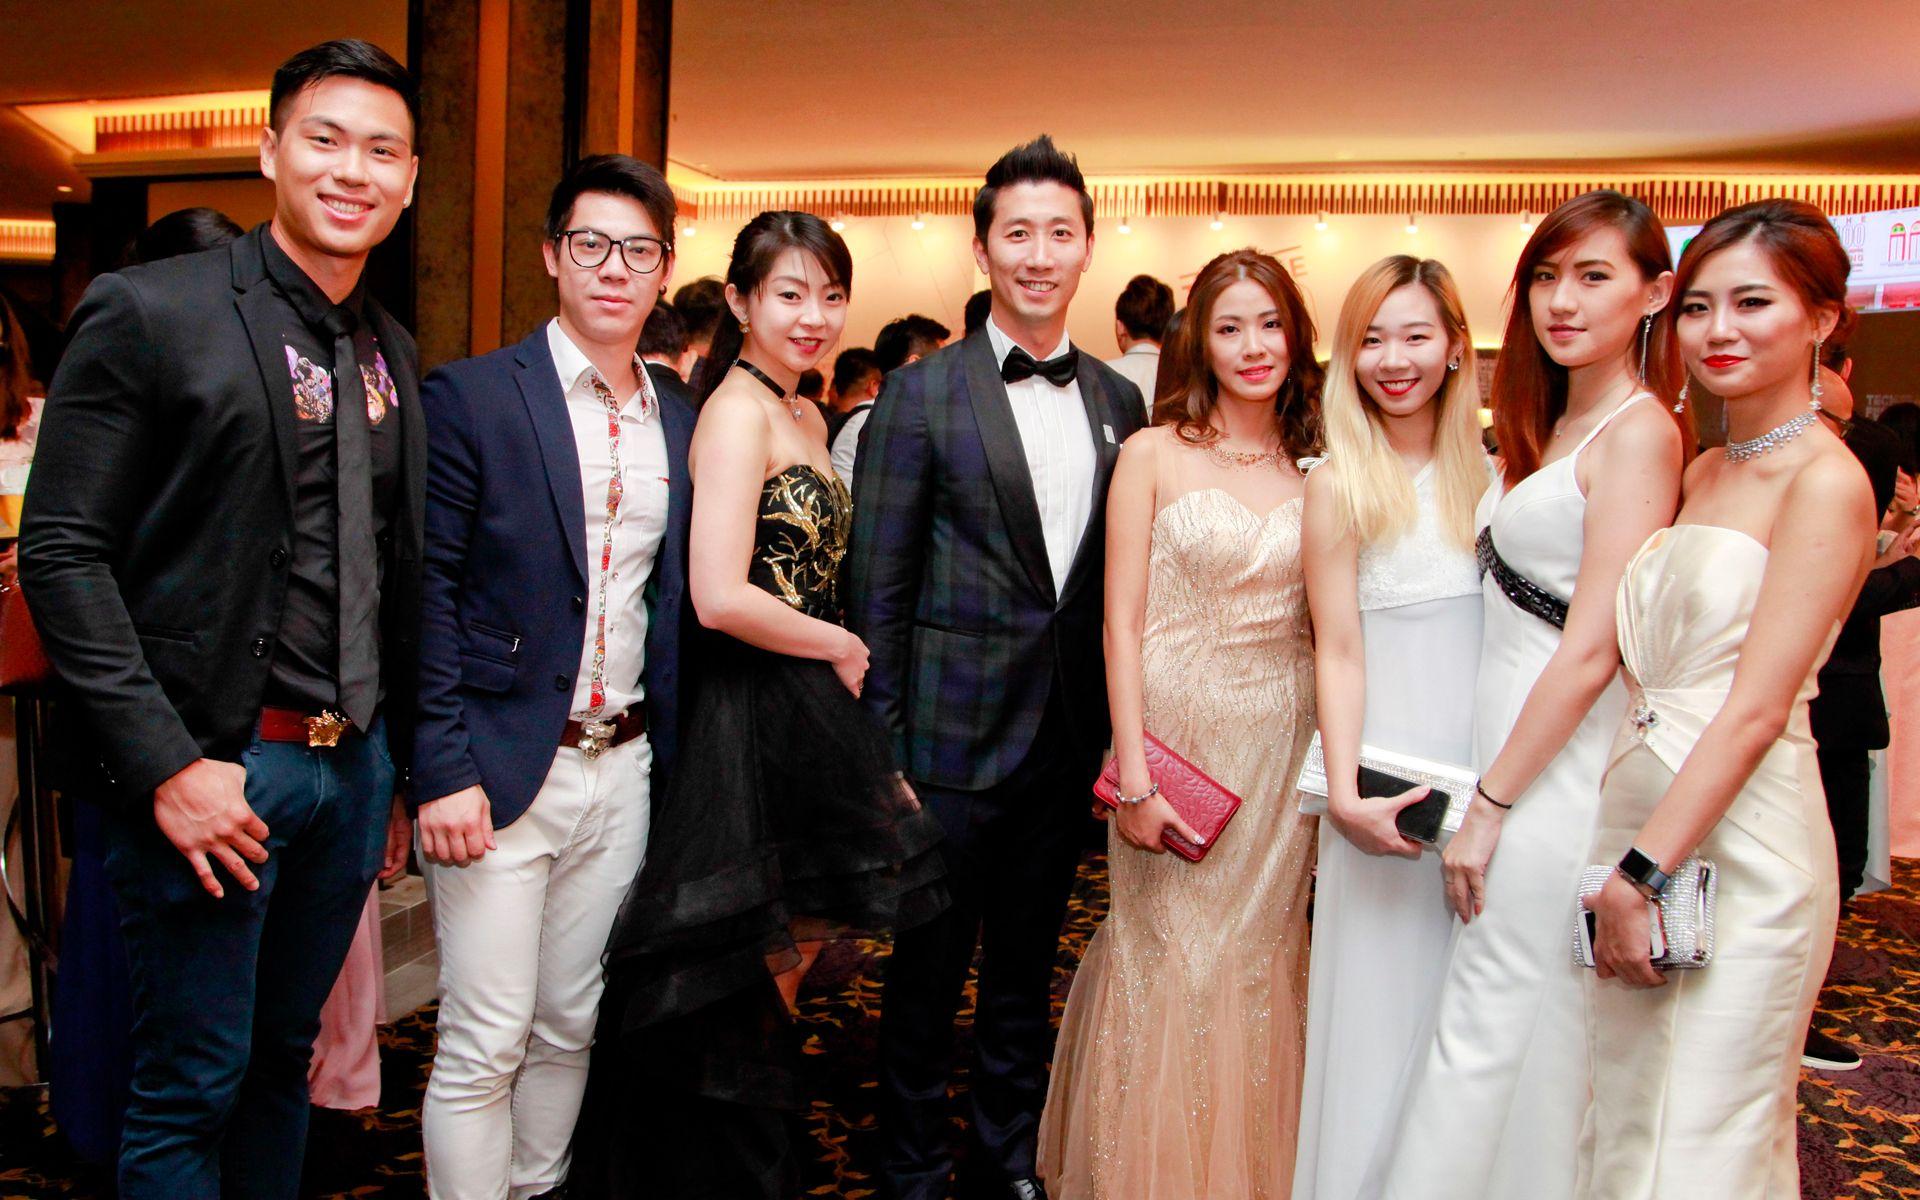 Adriane Ong, Nicholas Yap, Kit WL, Gary Chua, Yen Ong, Weedy Gan, Shiok Leng and Eunice Yuan